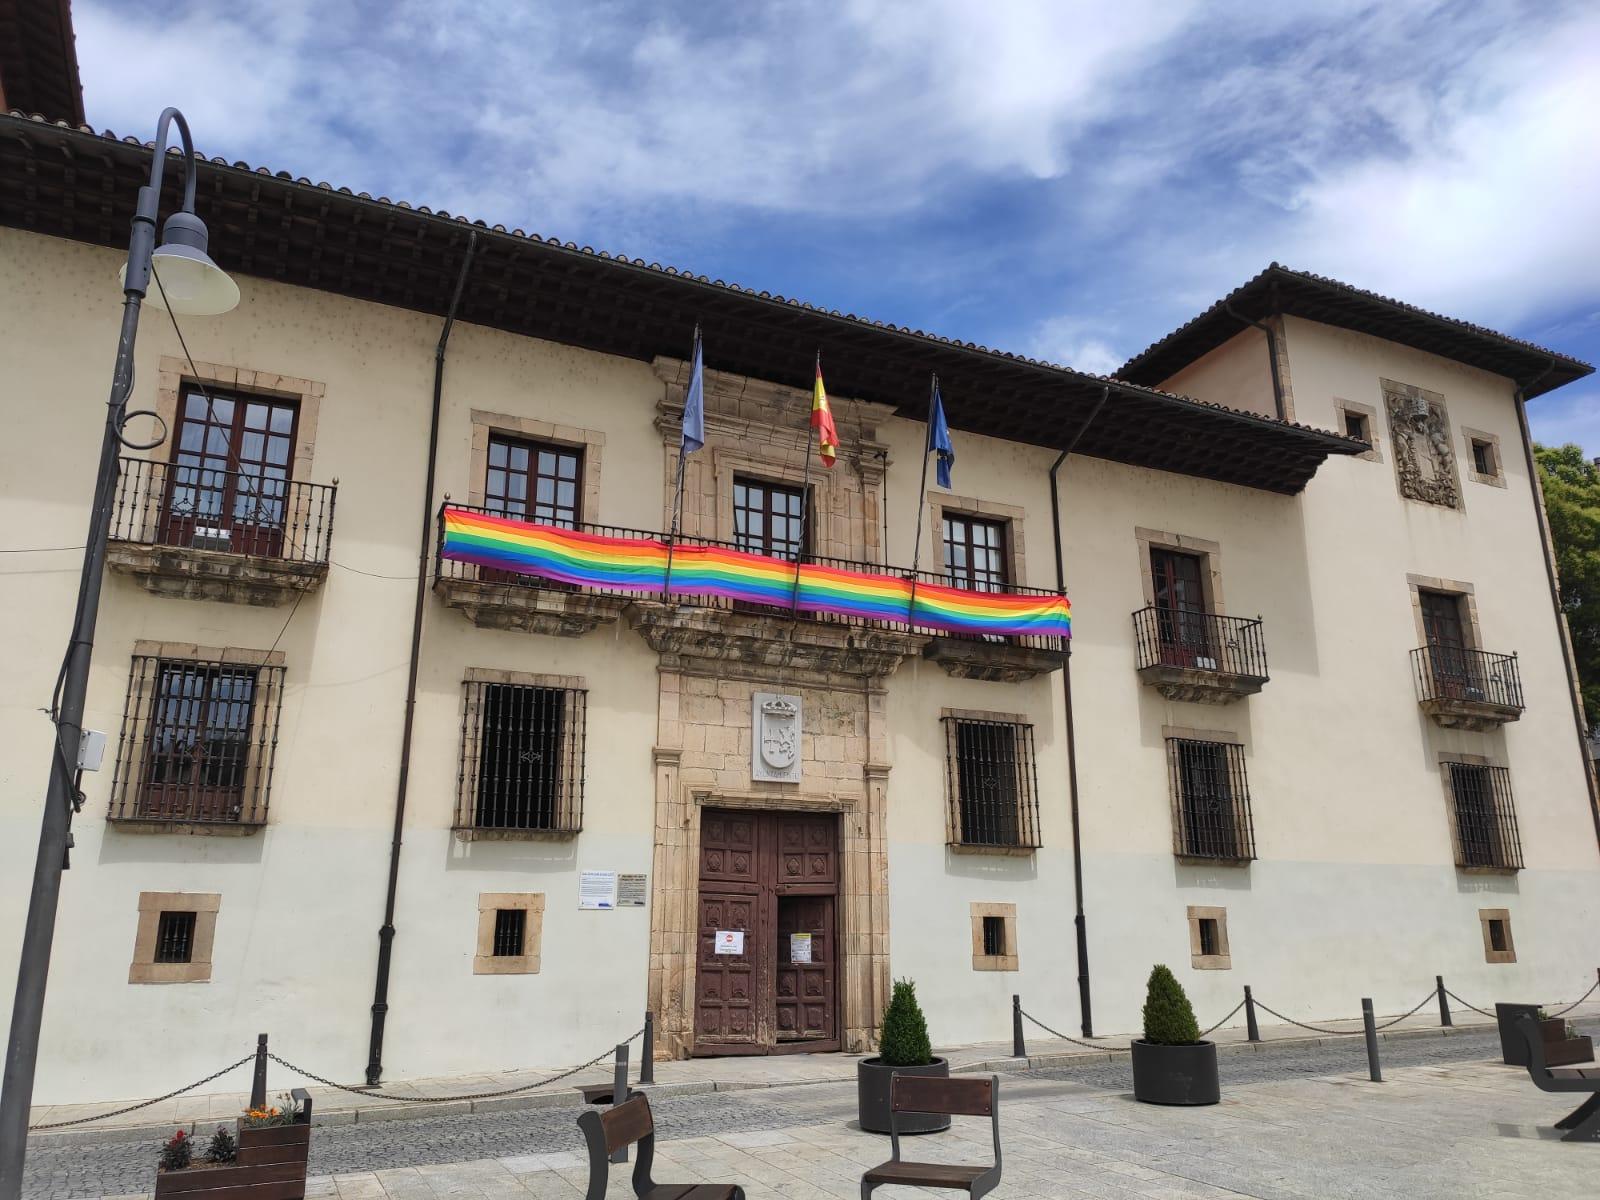 Cangas del Narcea luce con orgullo una lona arcoíris en la fachada del ayuntamiento